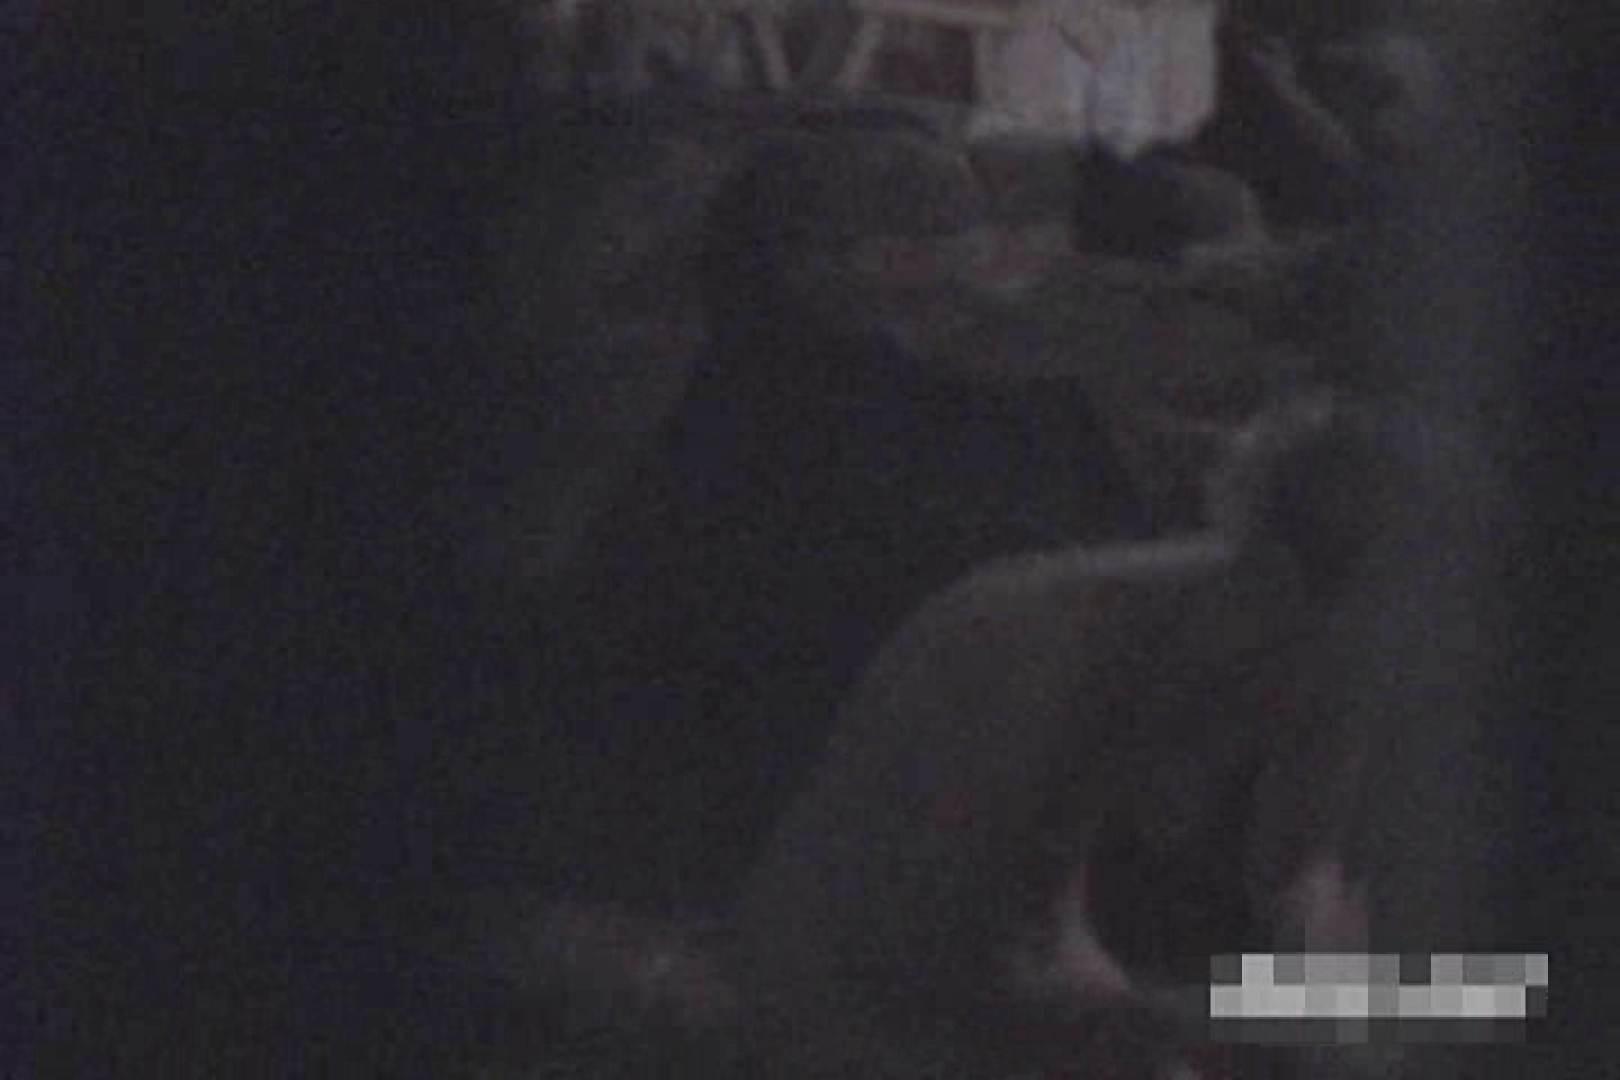 深夜の撮影会Vol.4 お姉さんのヌード AV無料動画キャプチャ 59画像 12